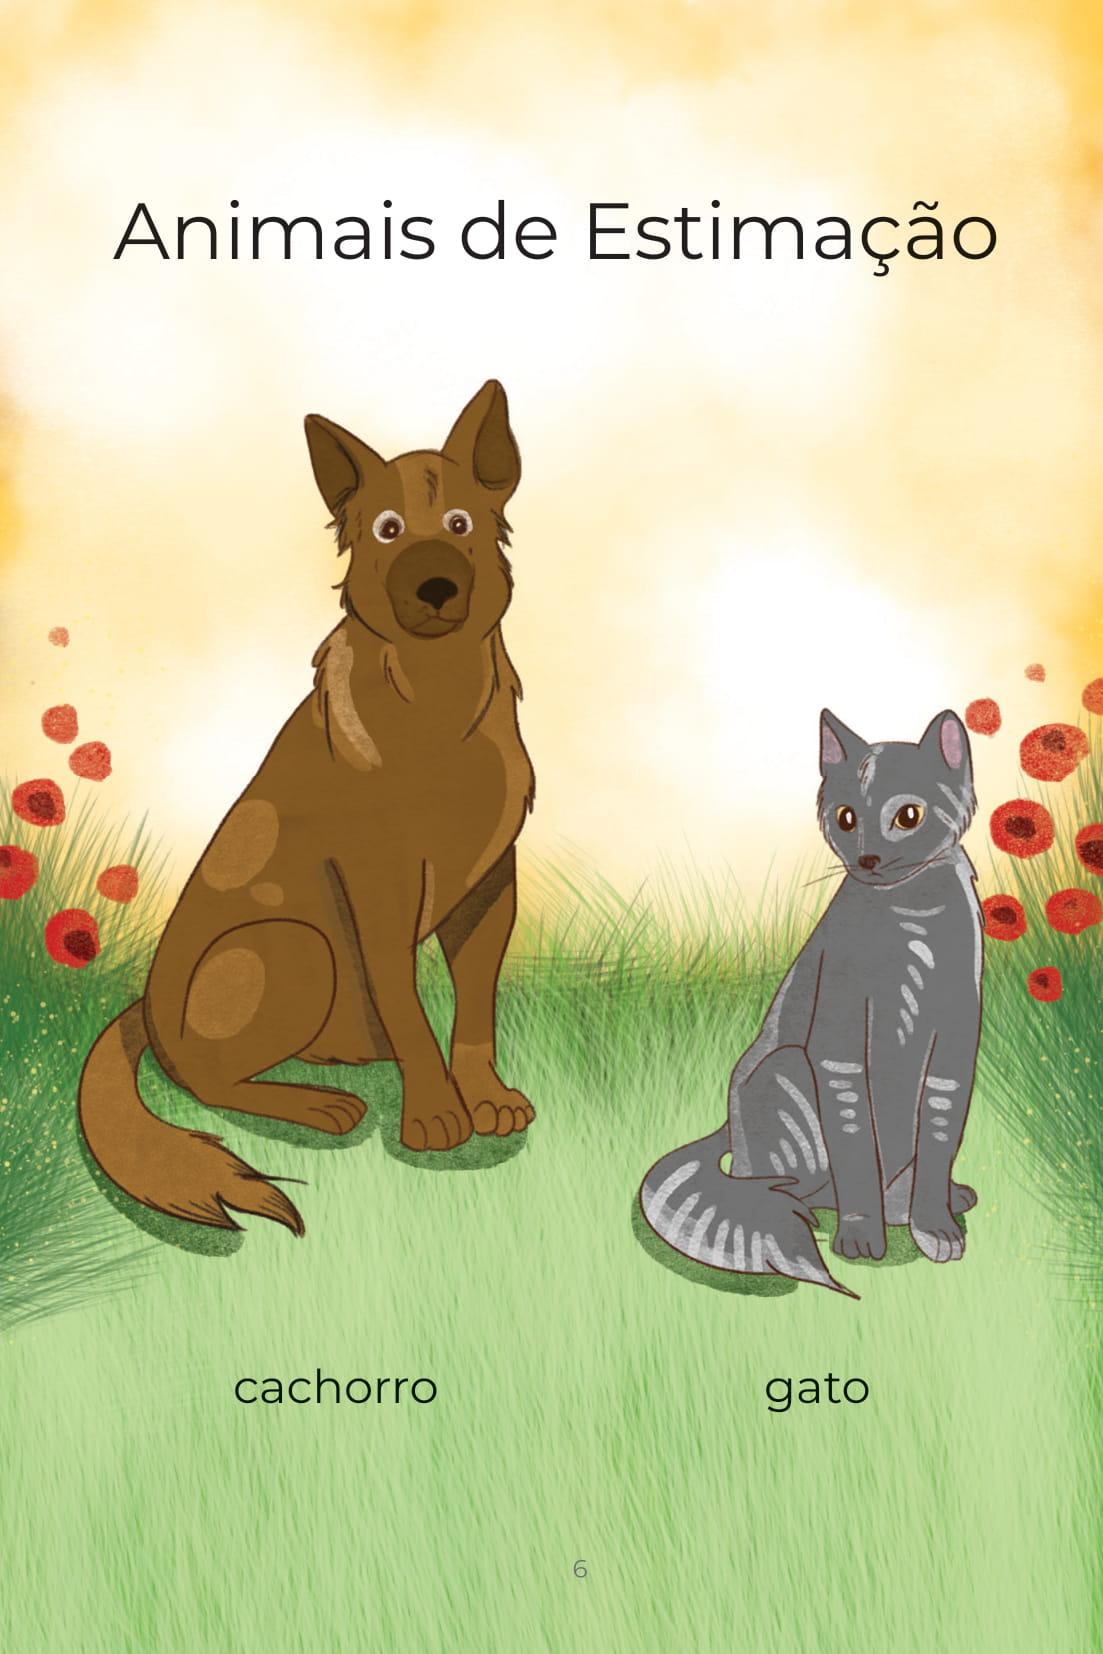 Animais de Estimação cachorro gato